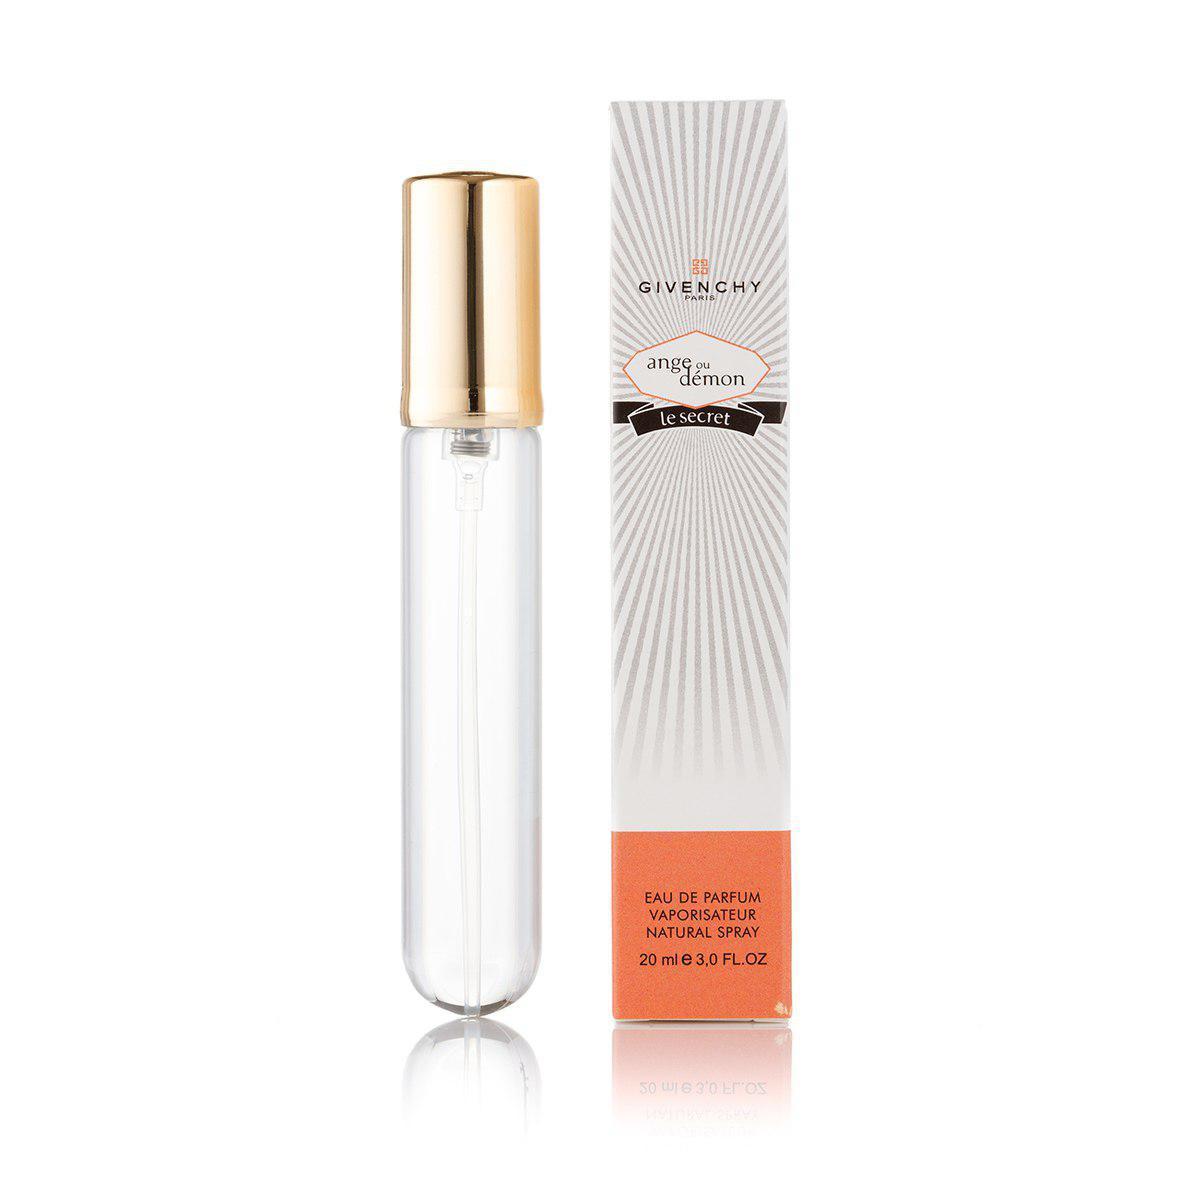 Мини парфюмерия женская Givenchy Ange Ou Demon Le Secret 2014 20 ml  (реплика)